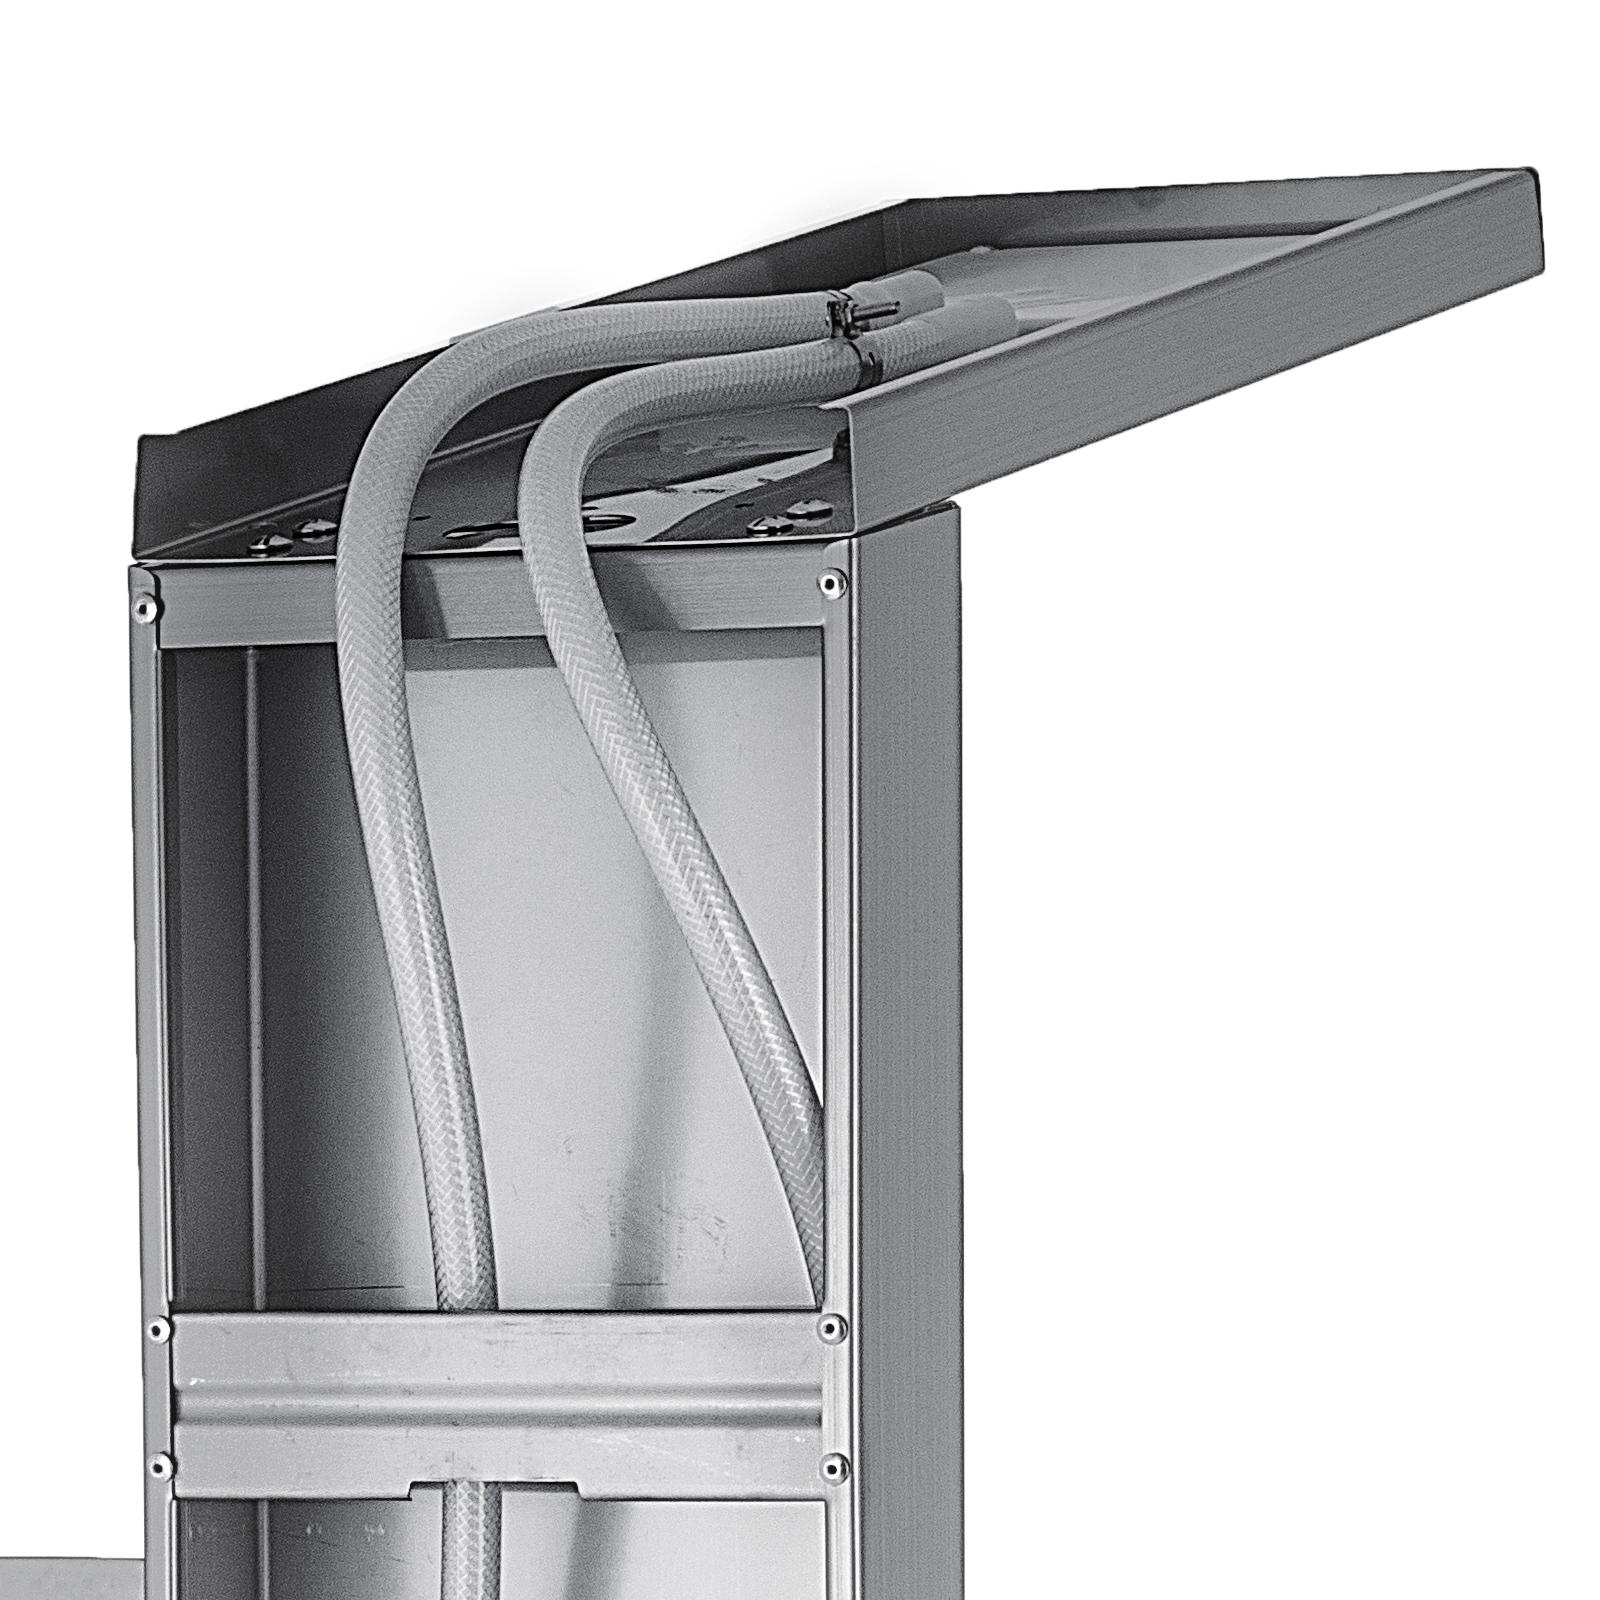 Pannello-doccia-idromassaggio-colonna-in-acciaio-inossidabile-con-miscelatore miniatura 70